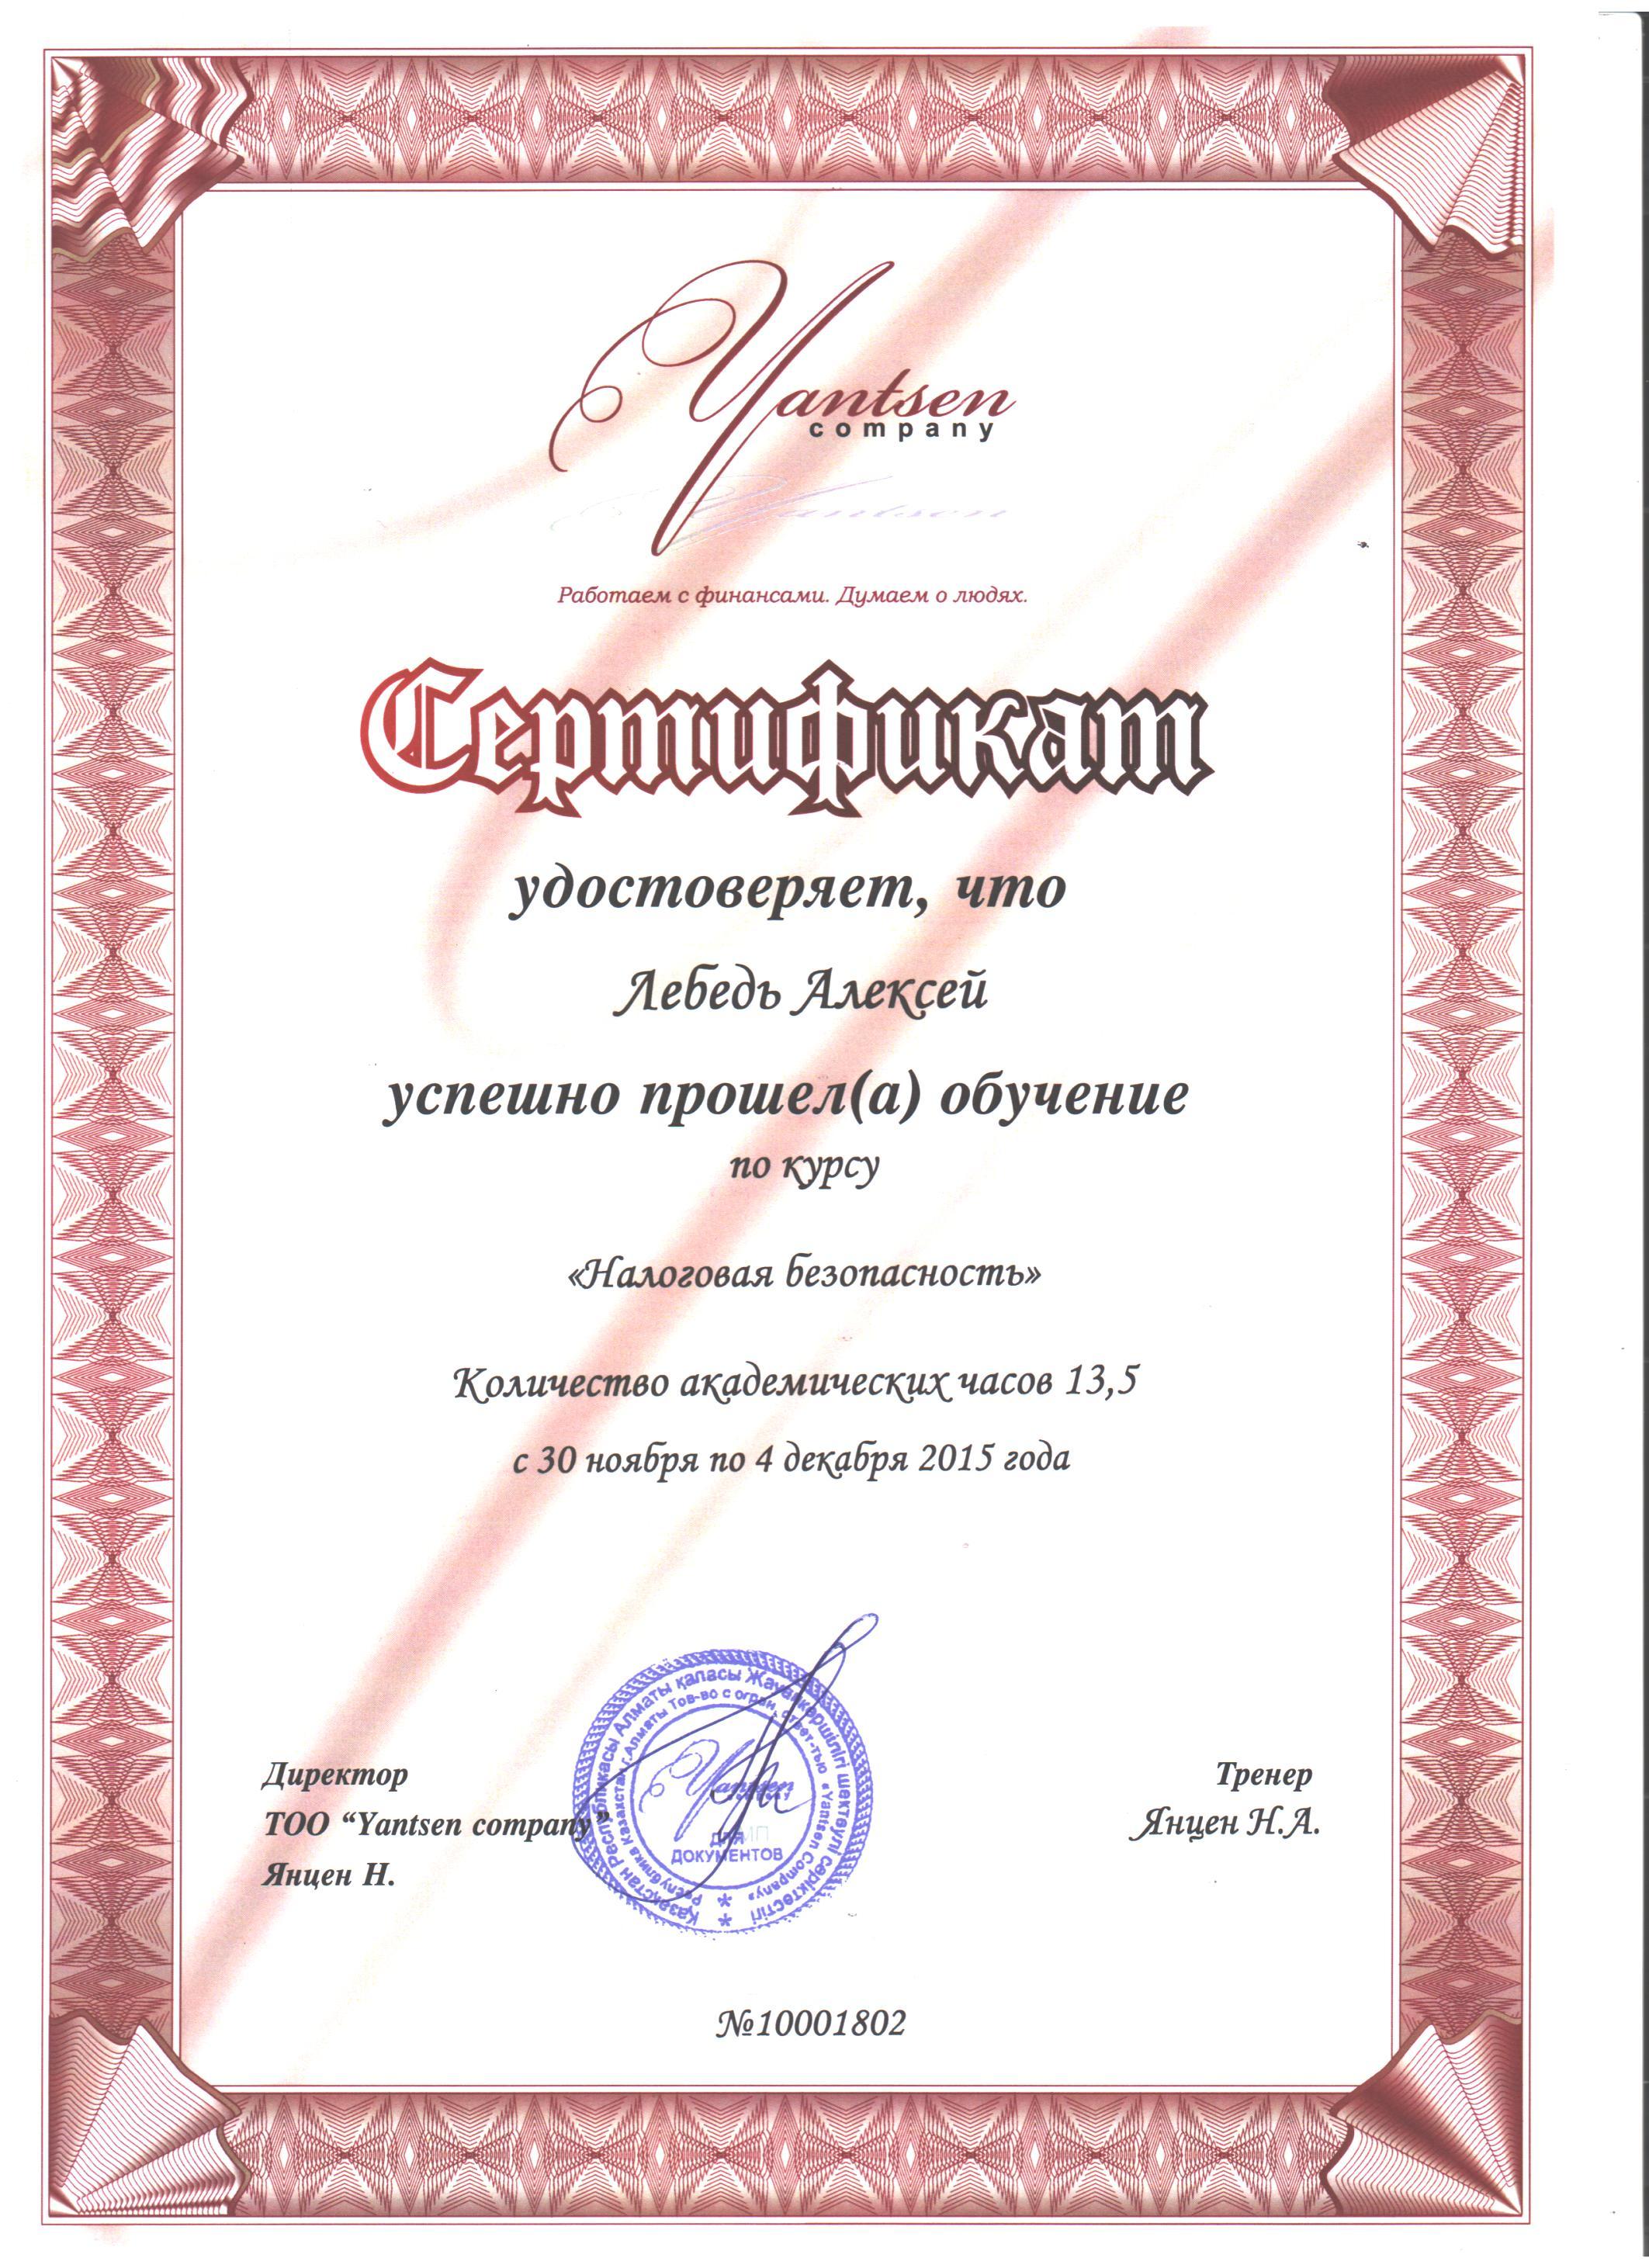 Сертификат Алексея Лебедь Налоговая безопасность